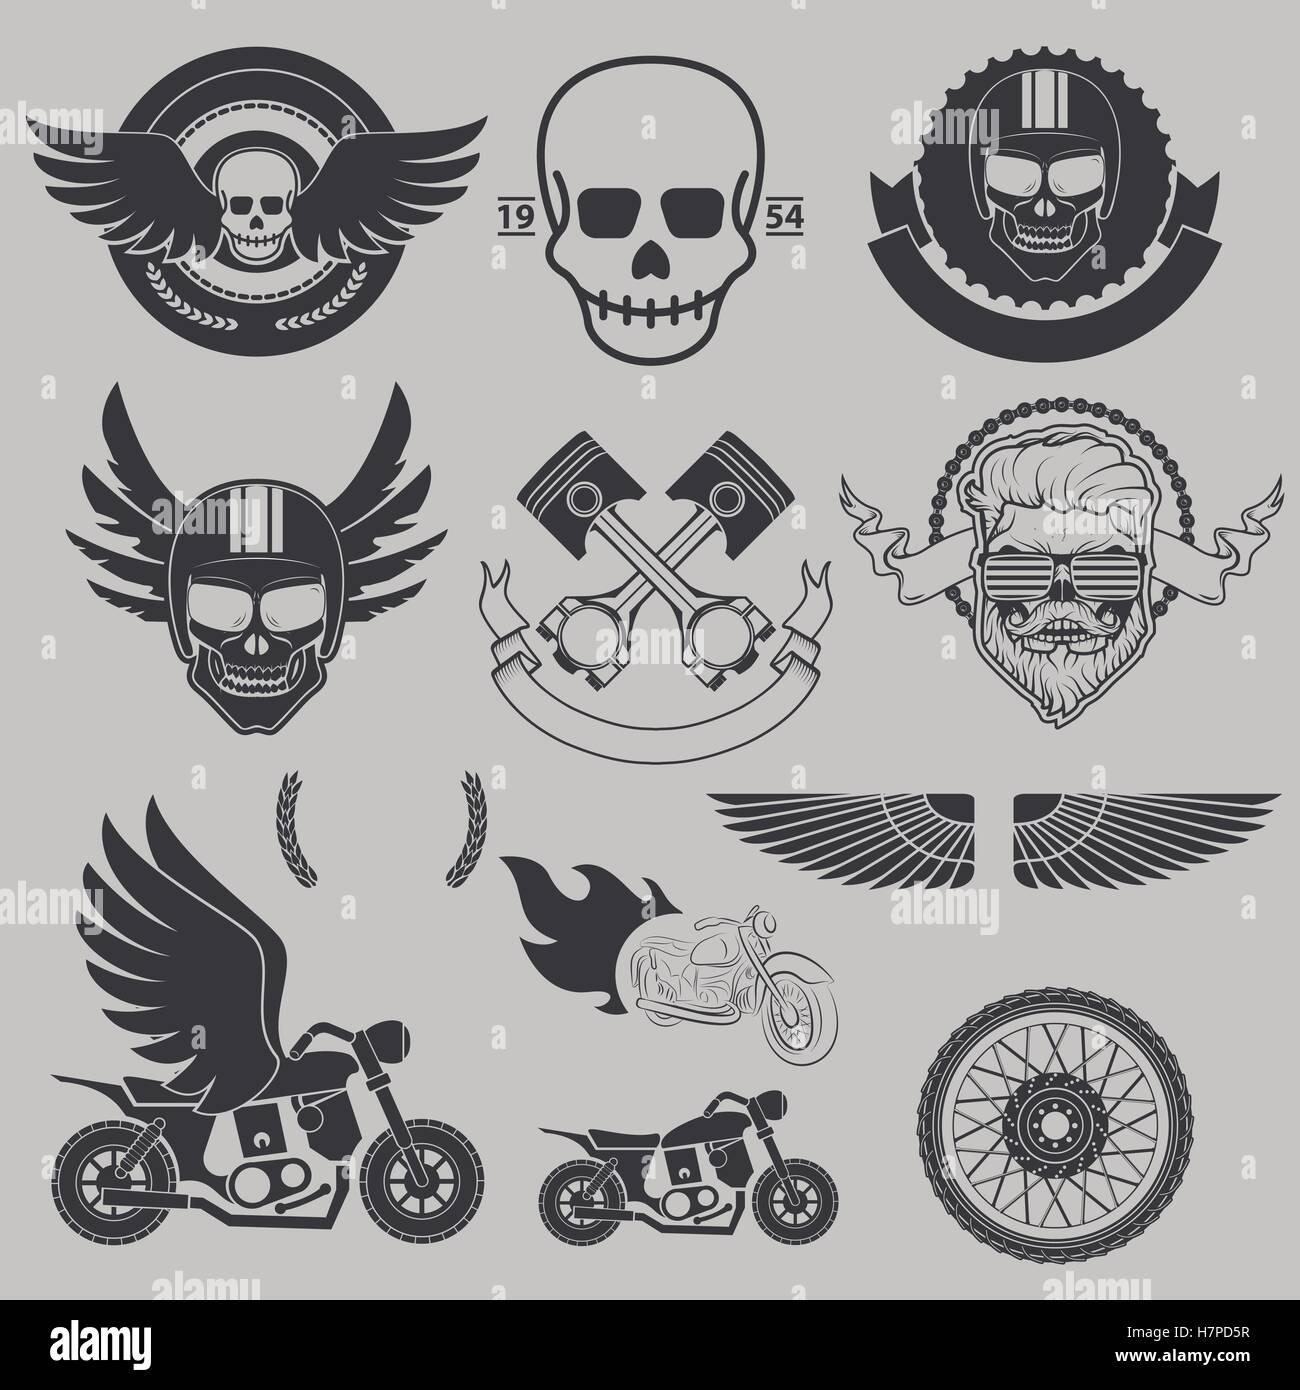 Motorrad-Rennen, Motorradclub, Biker-Club, Motorrad-Shop lo Vektor ...